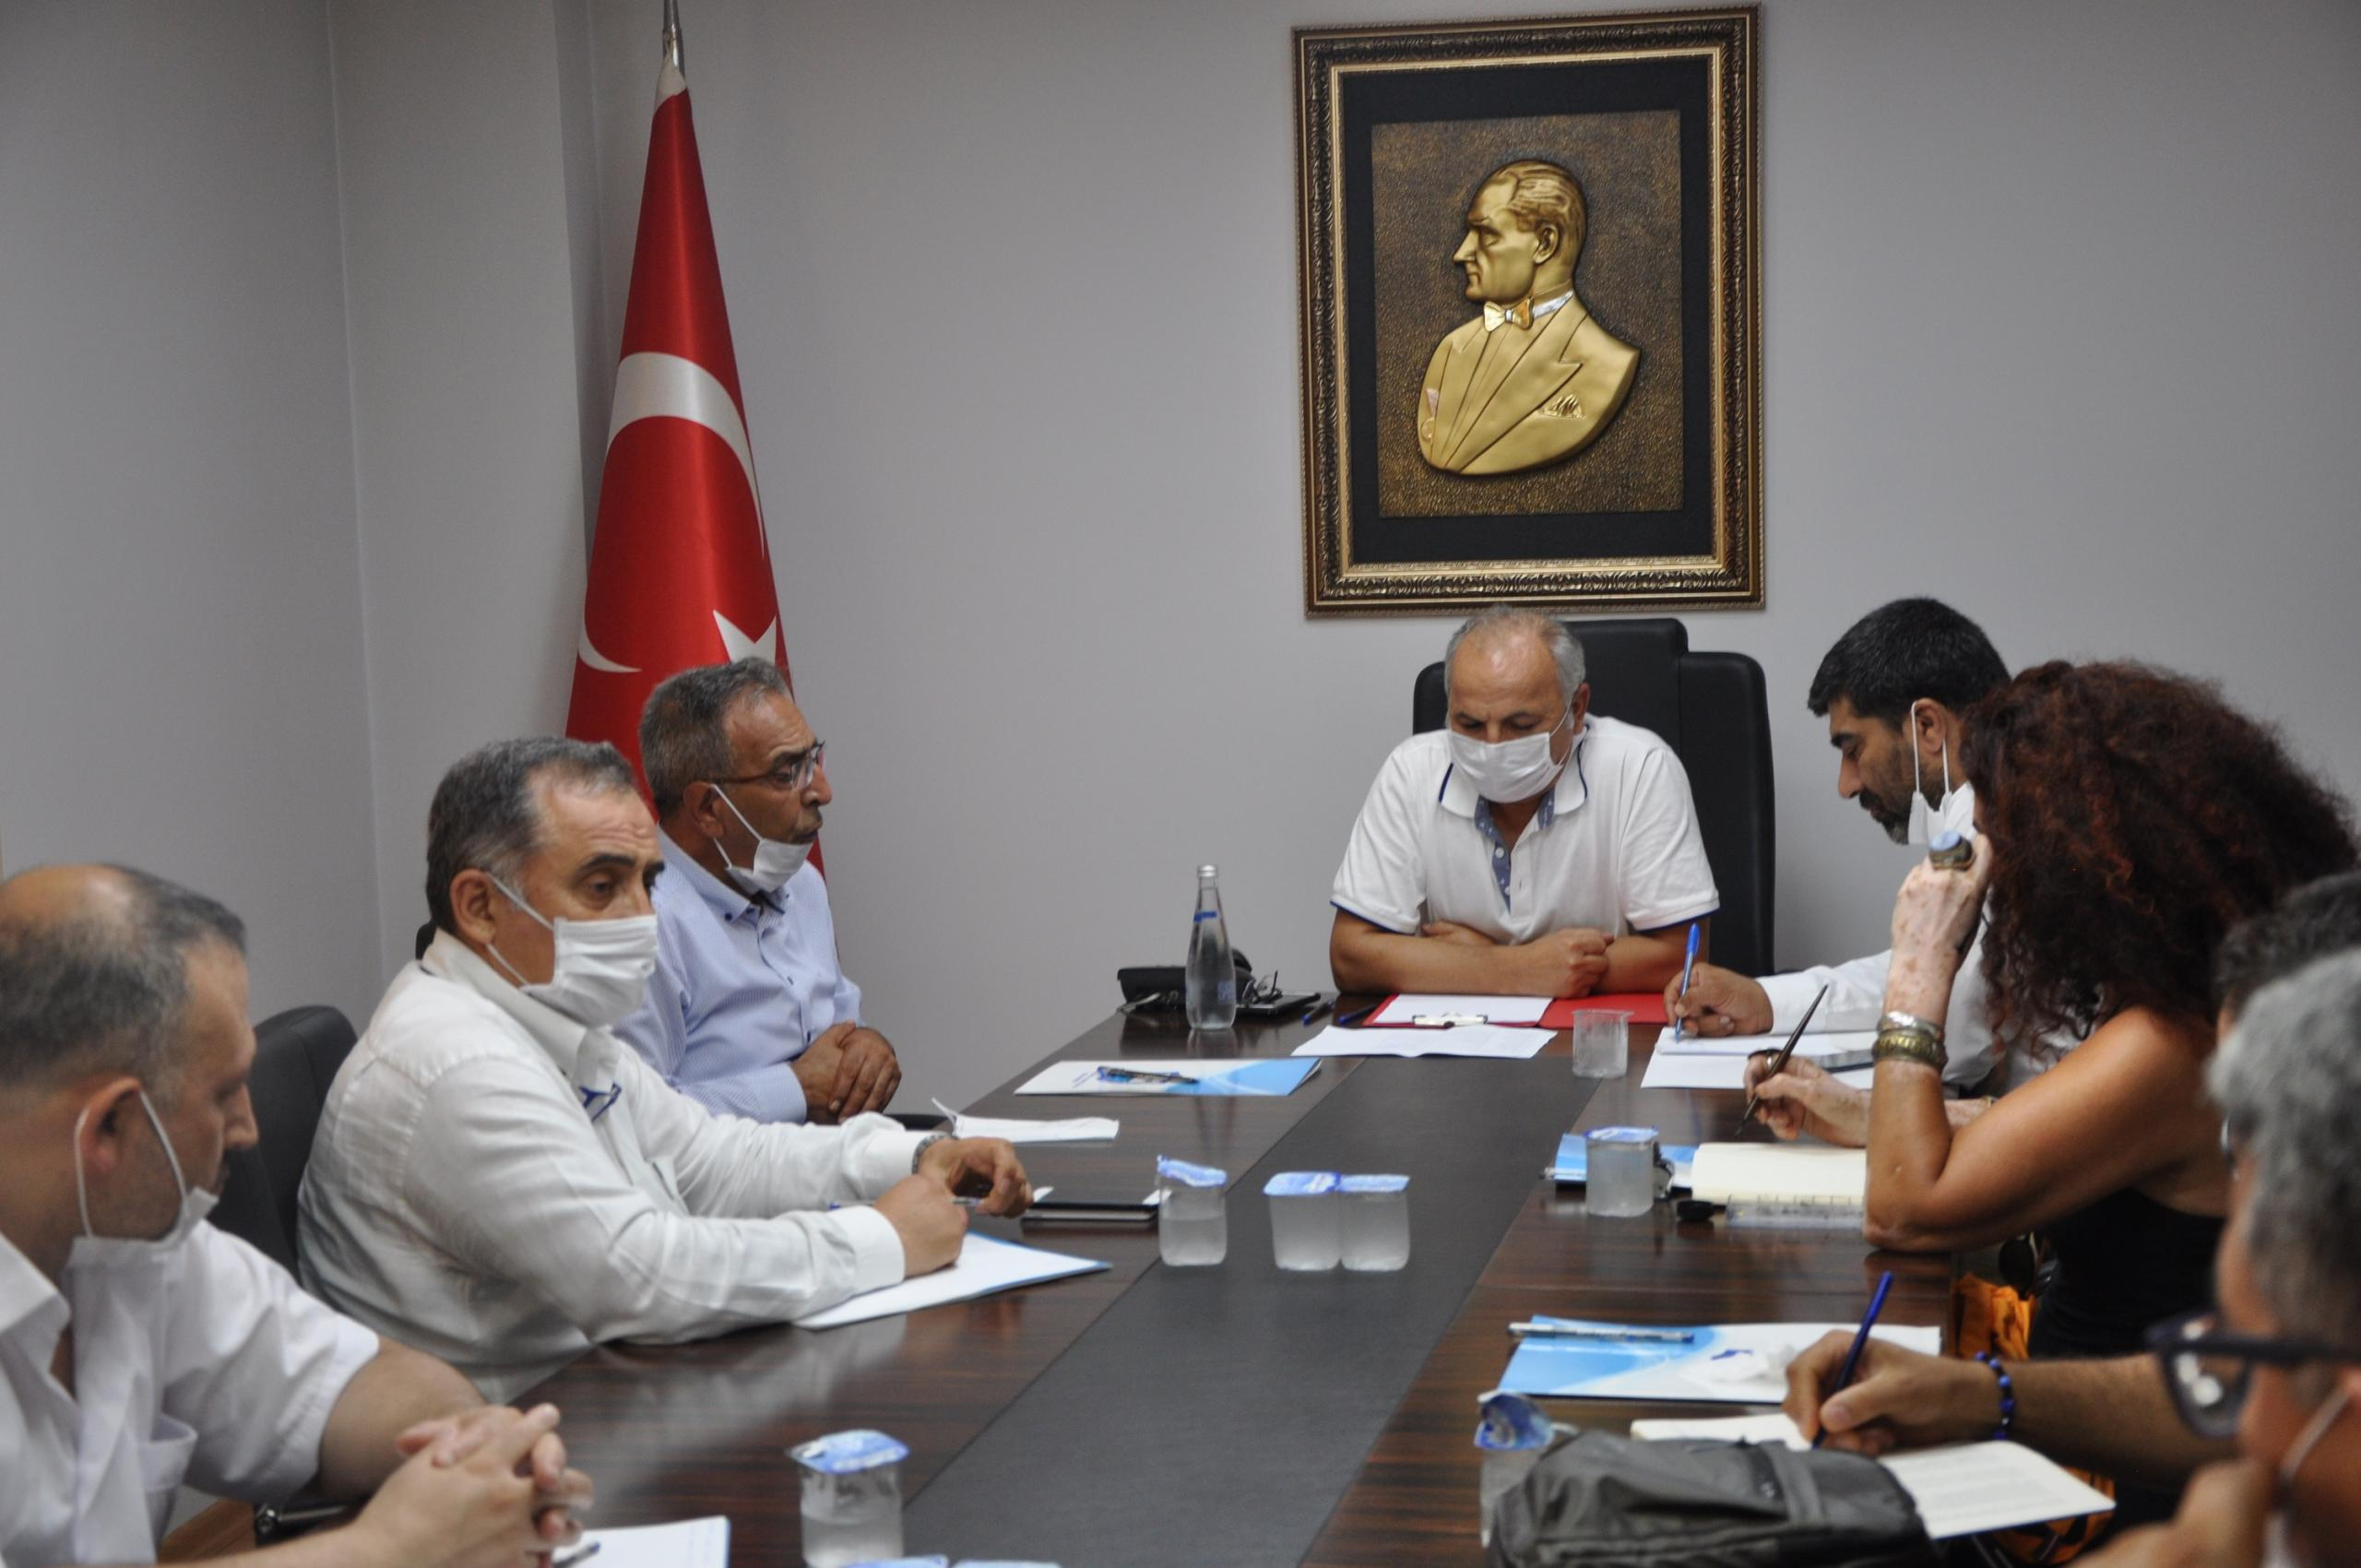 """MESOB Başkanı Dinçer, """"Ortak paydamız Mersin"""""""